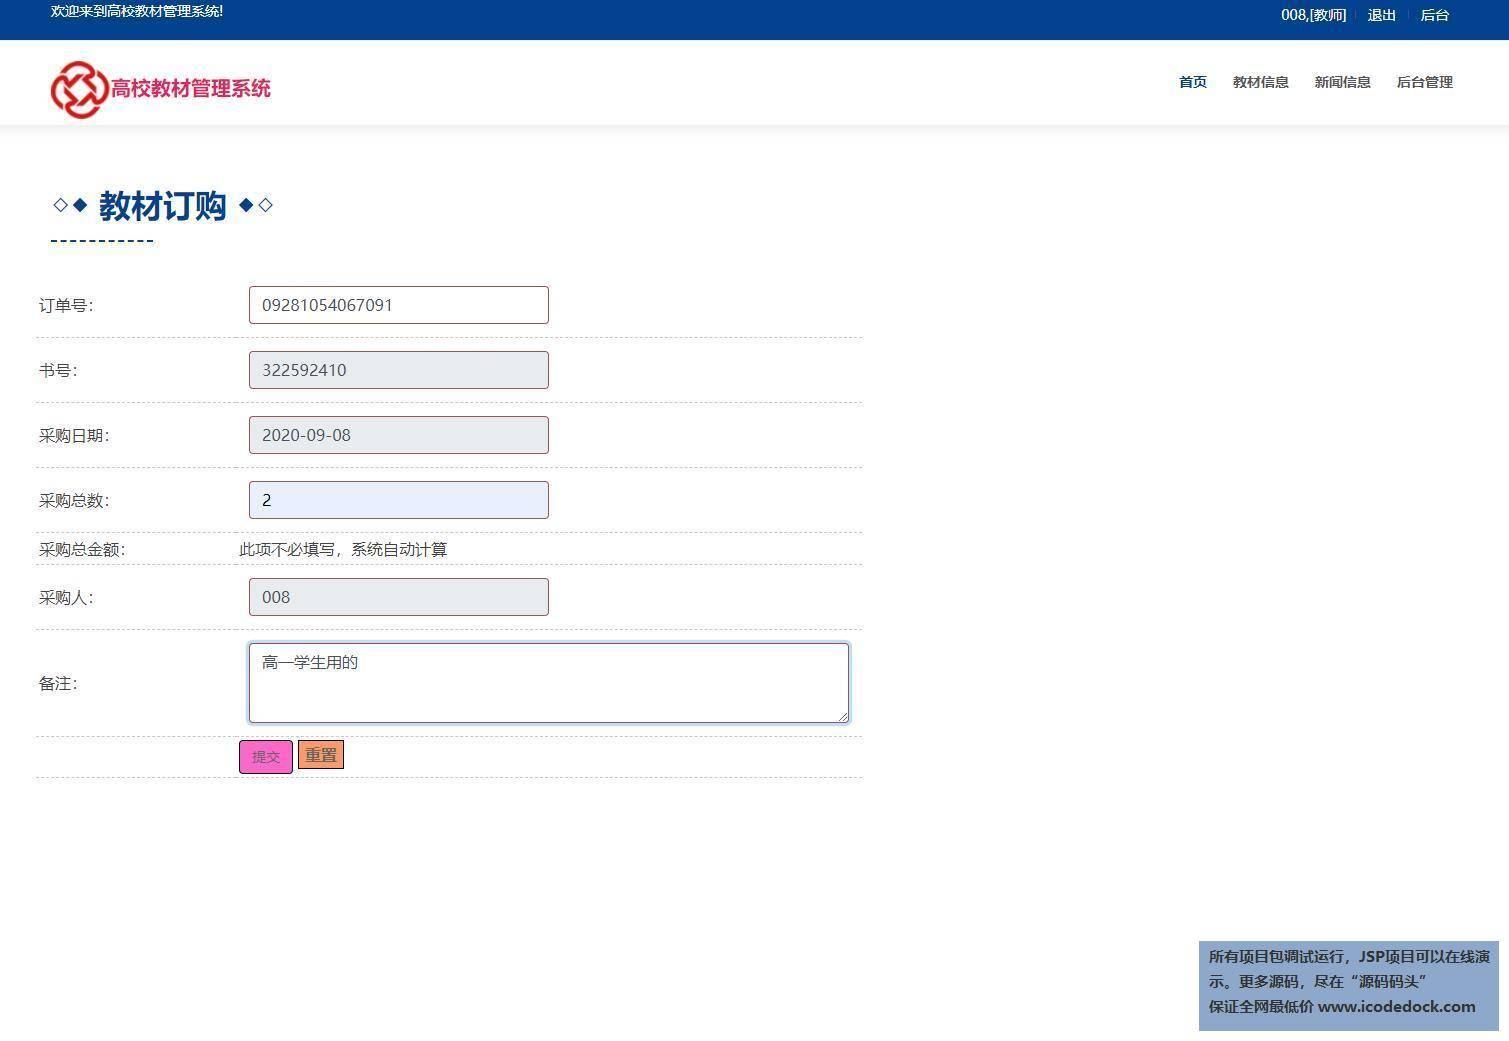 源码码头-JSP高校教材平台网站管理系统-教师角色-教材订购